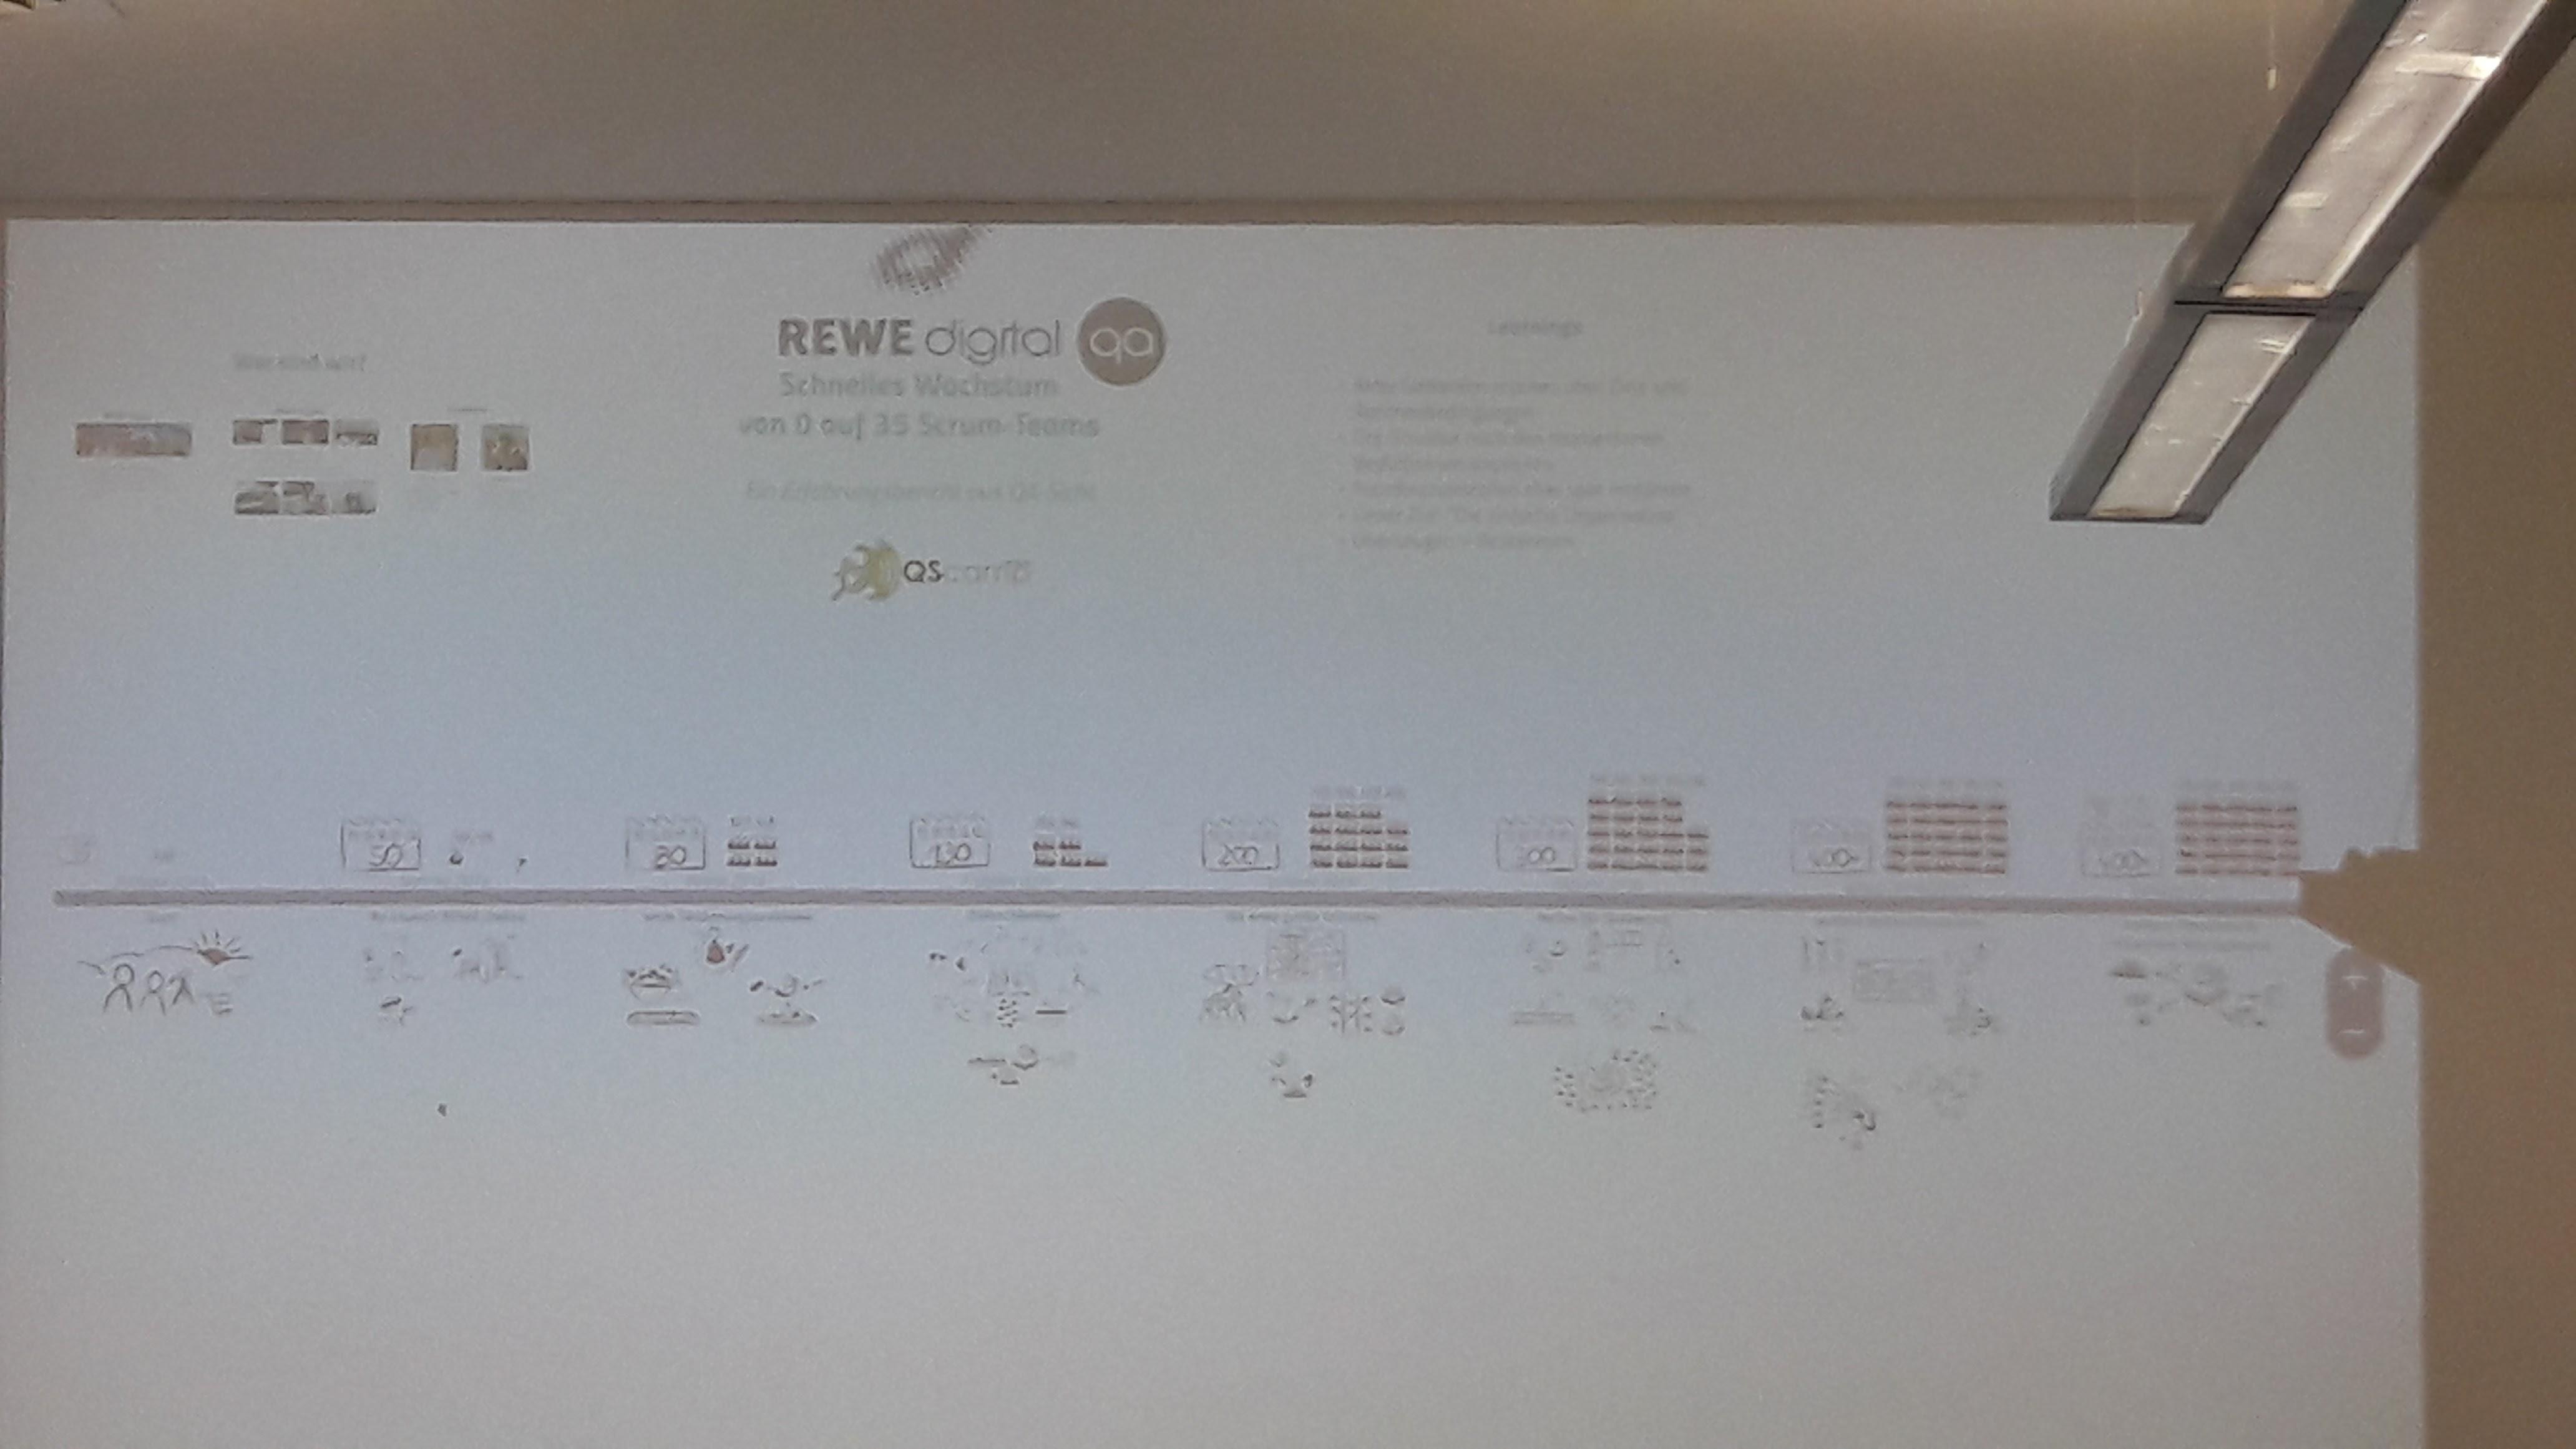 barcamp rewe digital keynote